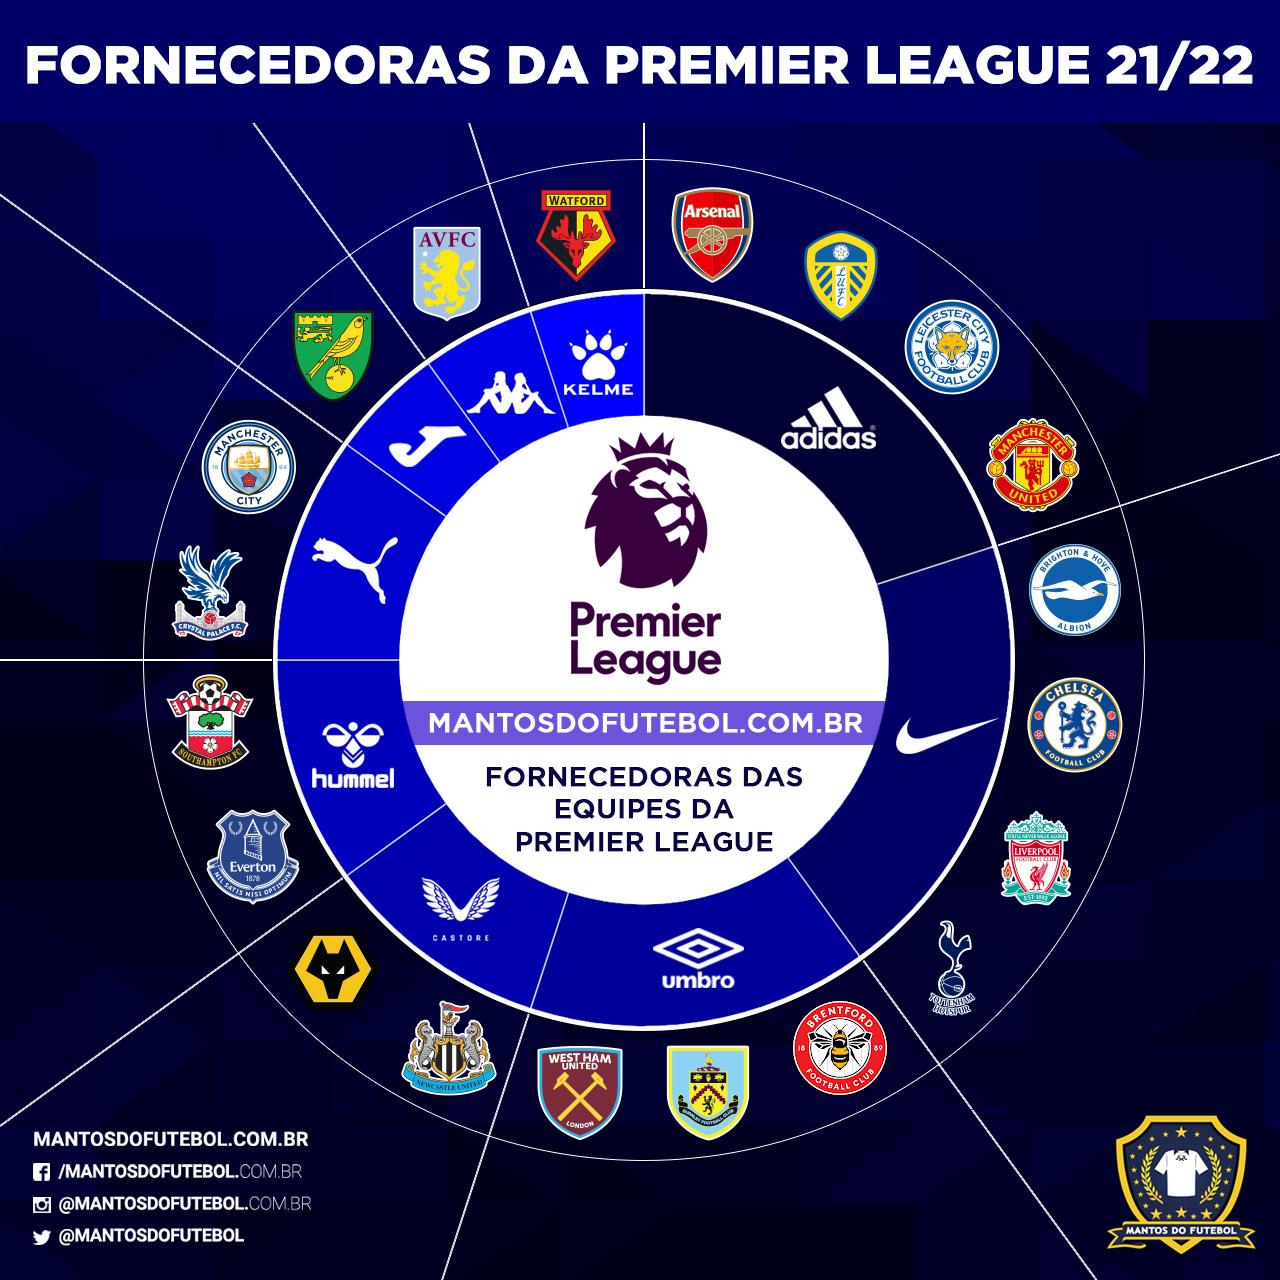 Premier League 2021-2022: Batalha de fornecedoras e camisas das equipes